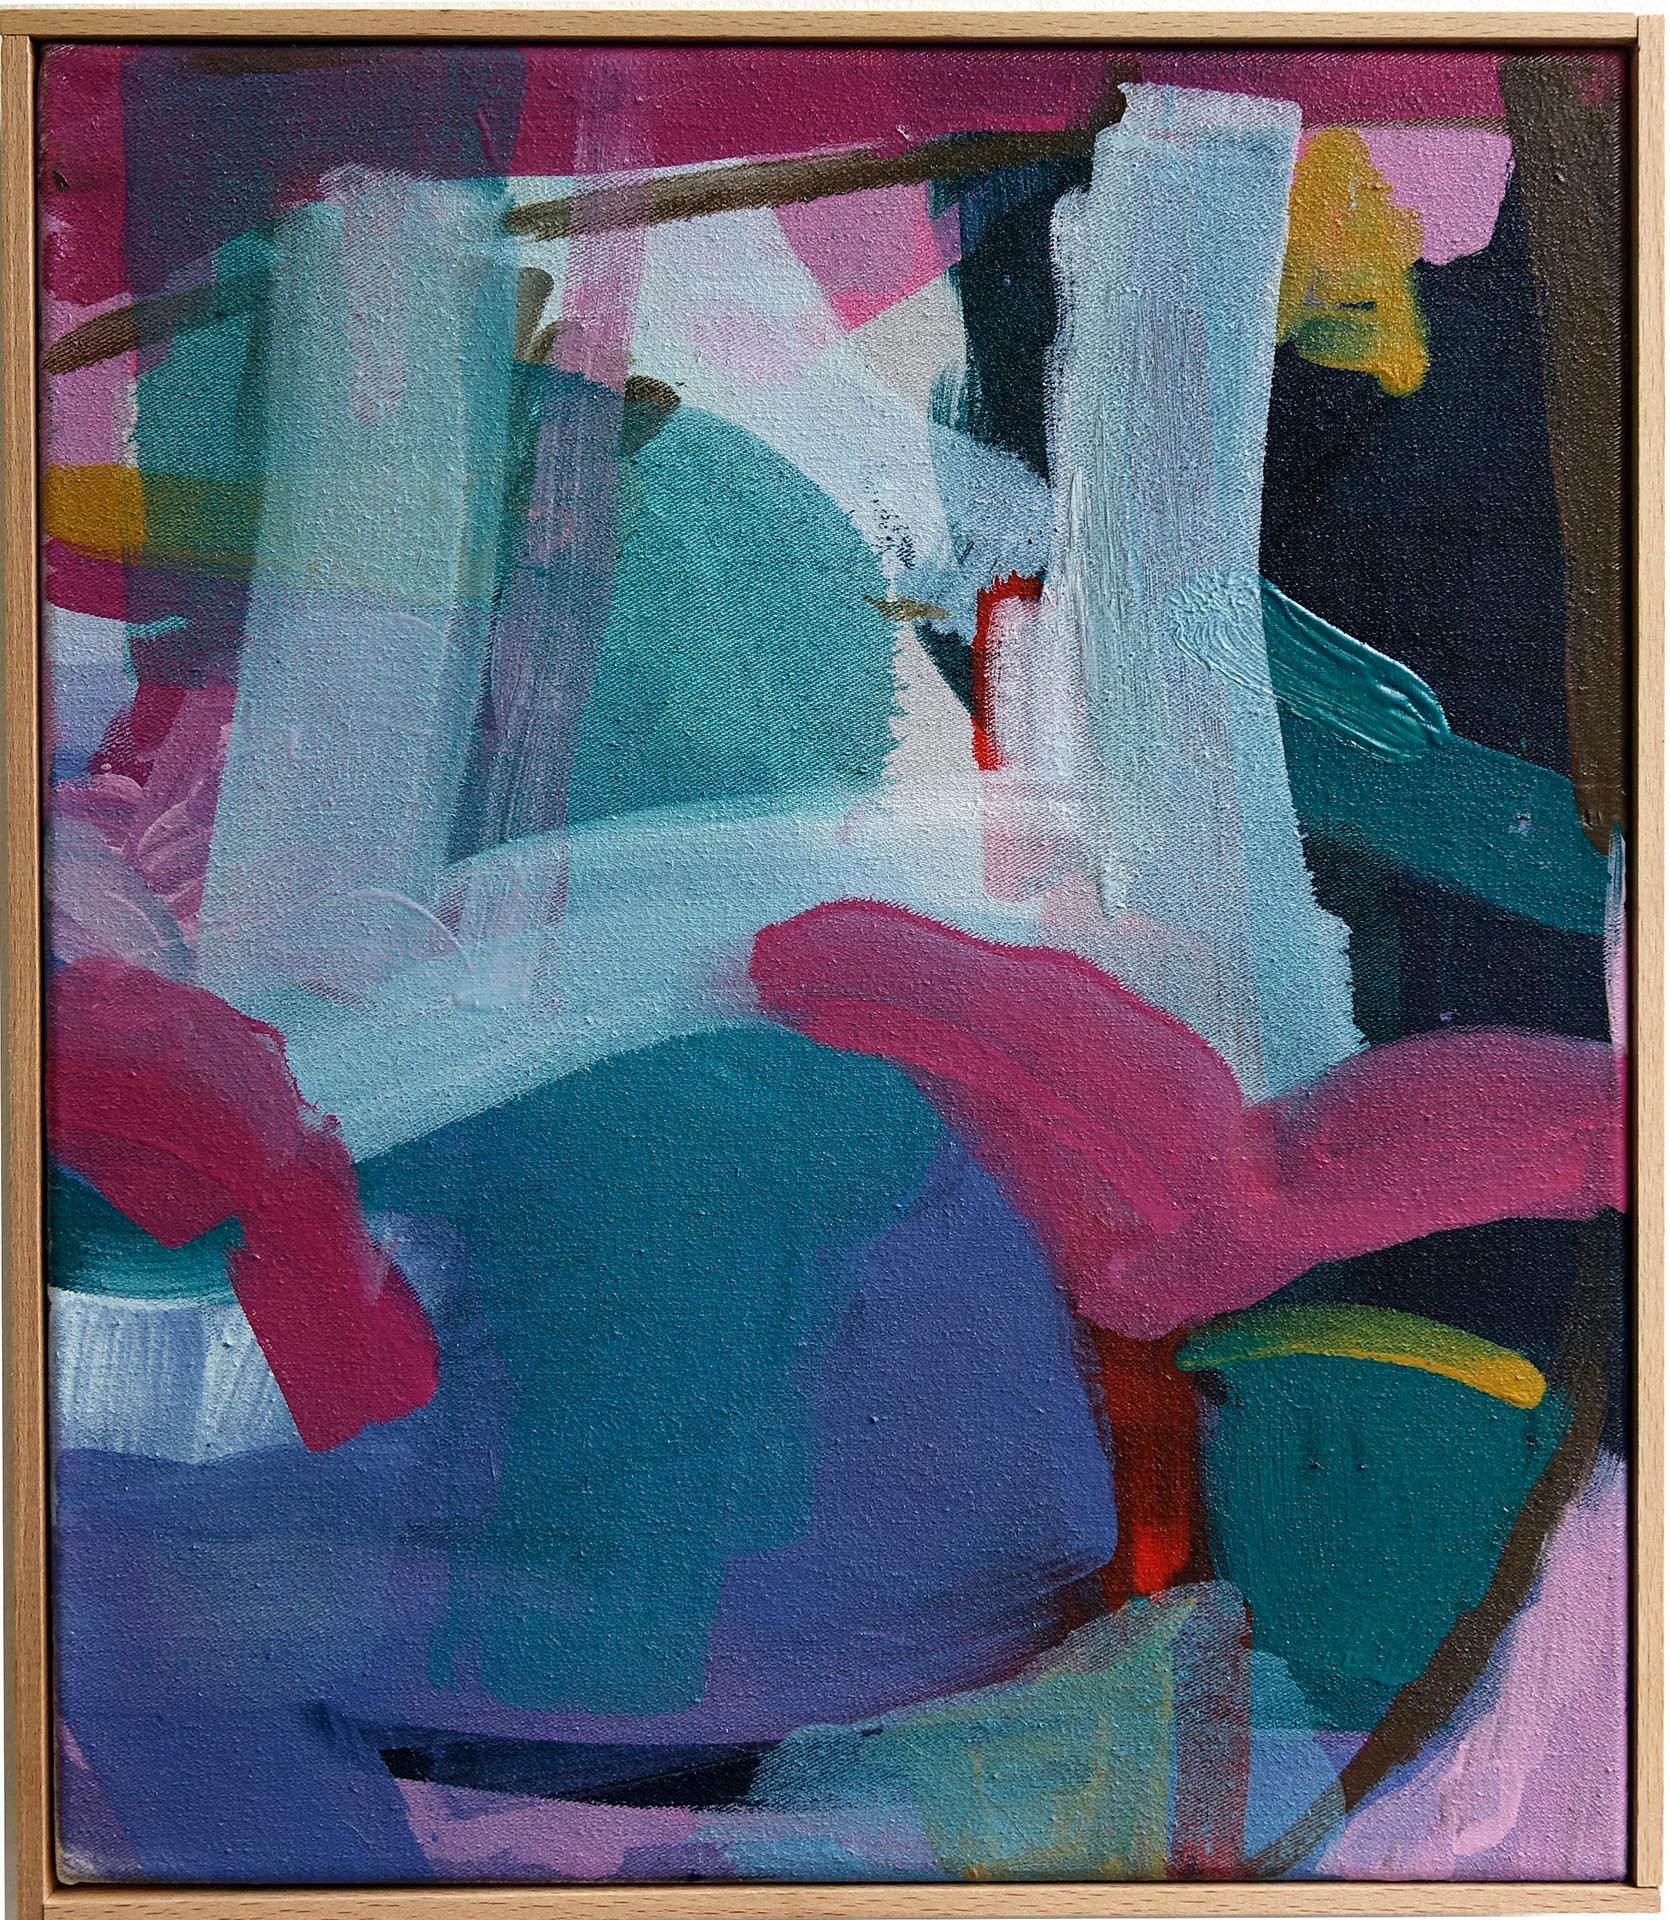 Violetta Ehnsperg | Der Wahnsinn ist ein Kuchen | 36,5 x 31,5 cm | Galerie3